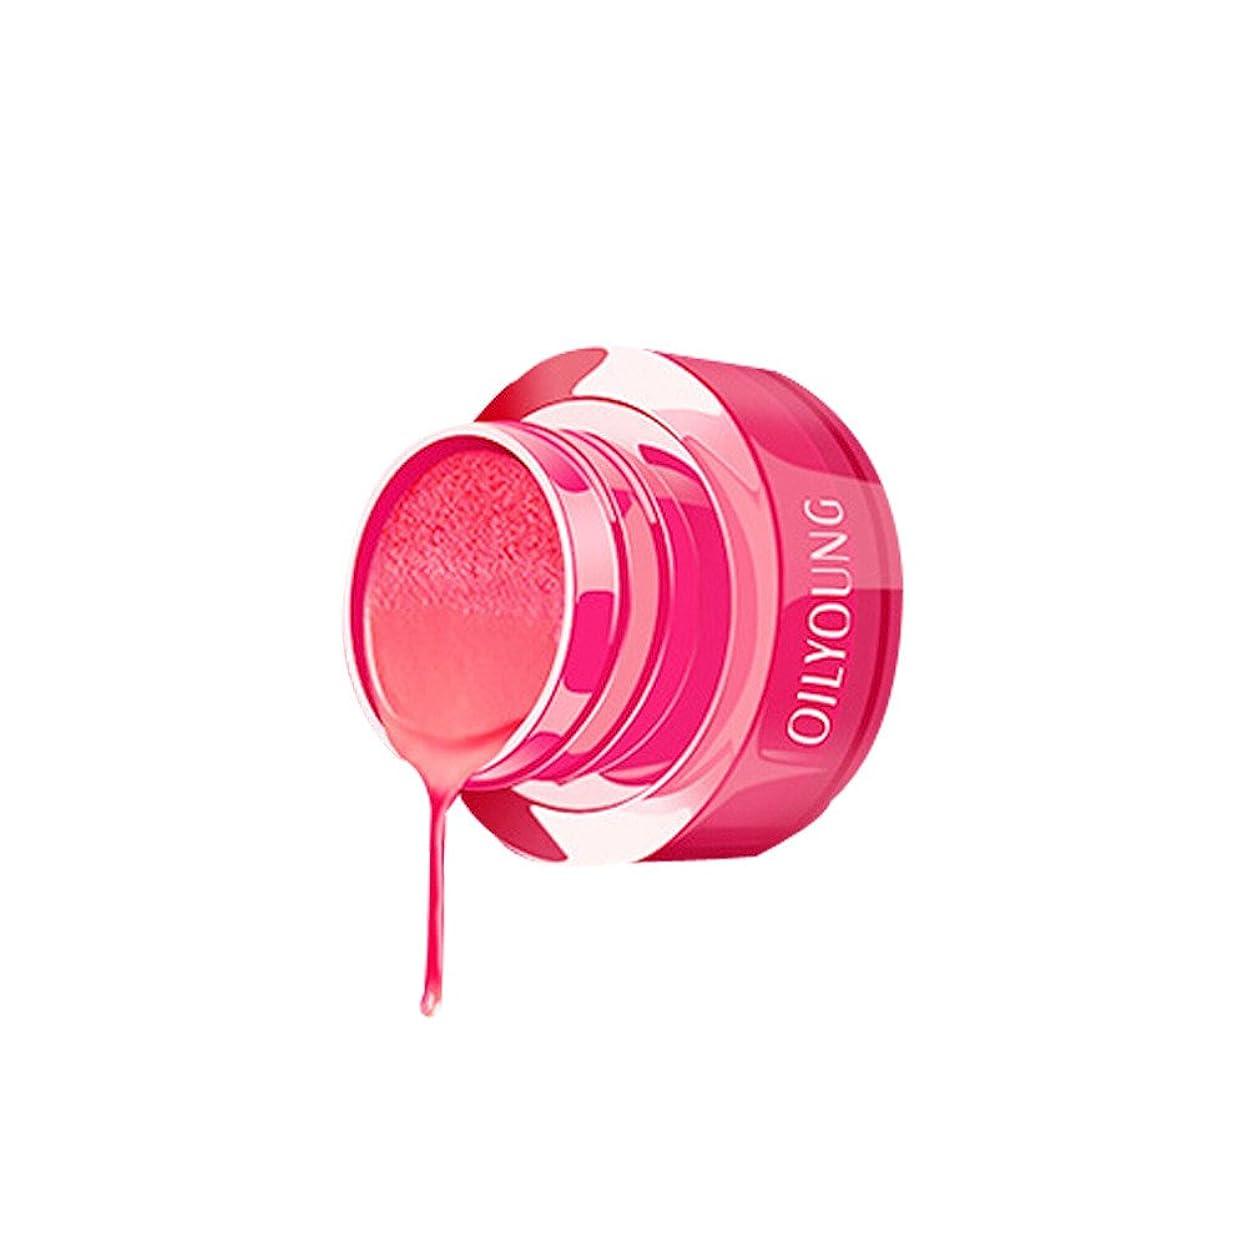 月曜追加前任者リップスティック 3グラム エアクッション口紅 ノーブル リップクリーム グラデーション 保湿 リップバーム リップグロス 化粧品 液体 水和 ツヤツヤな潤い肌の色を見せるルージュhuajuan